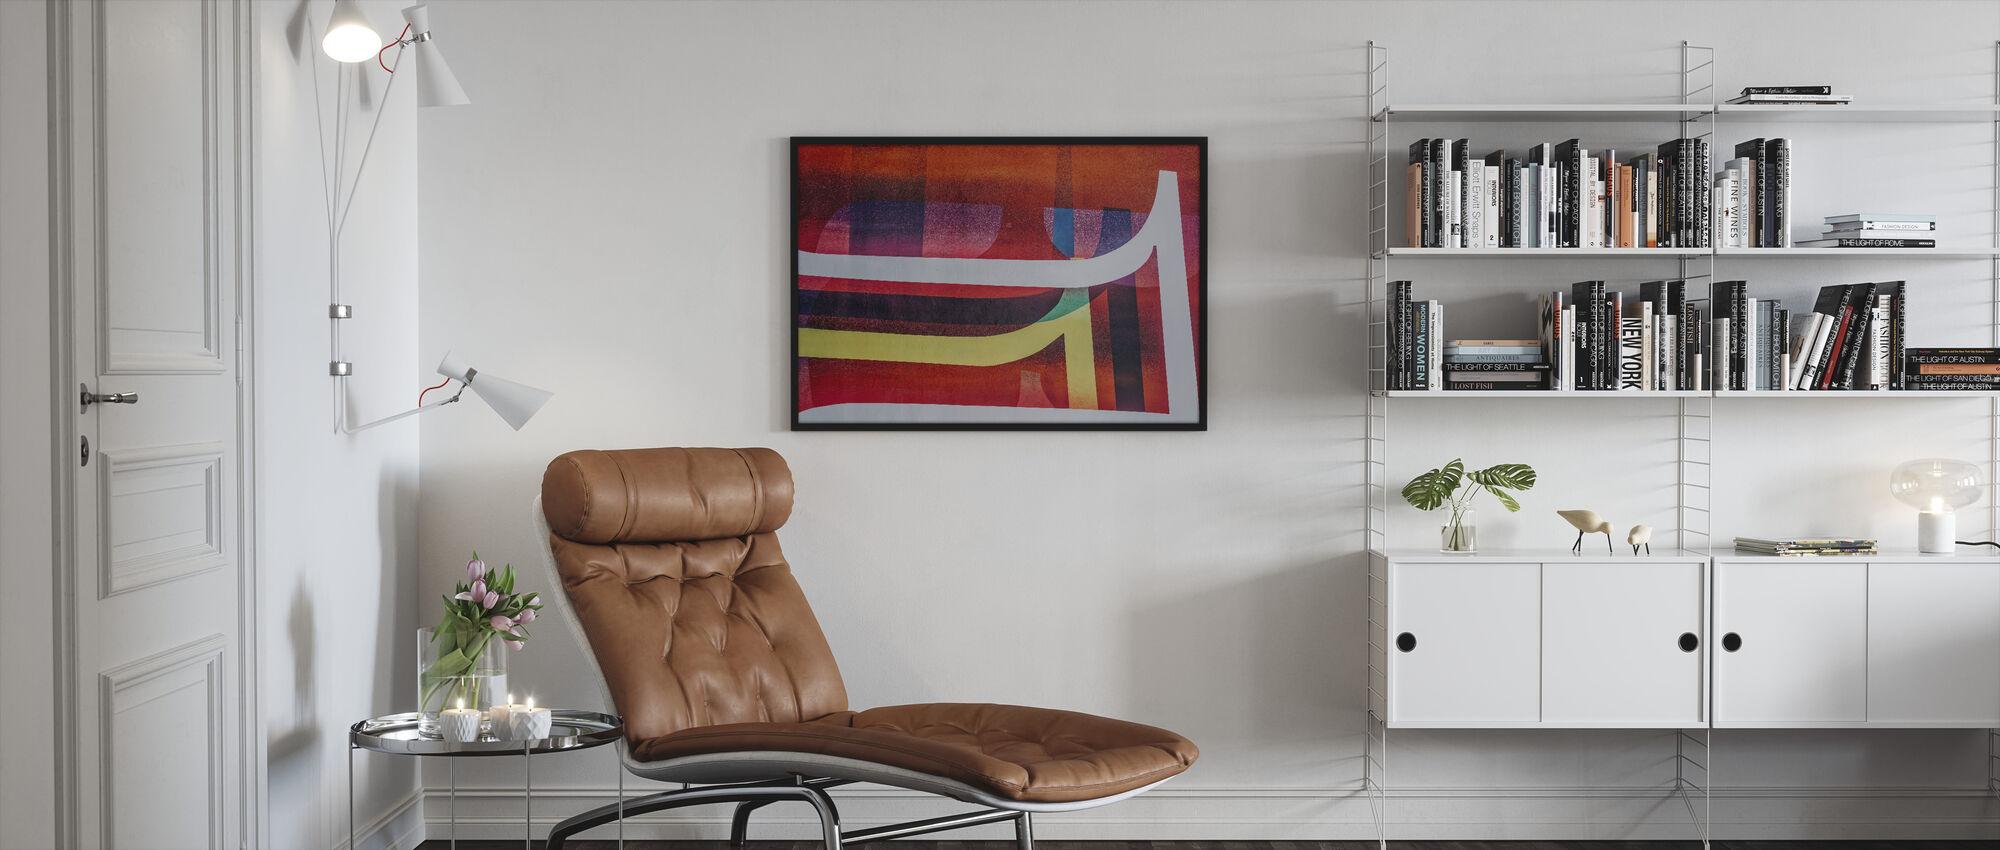 Visuaalinen taide - Kehystetty kuva - Olohuone